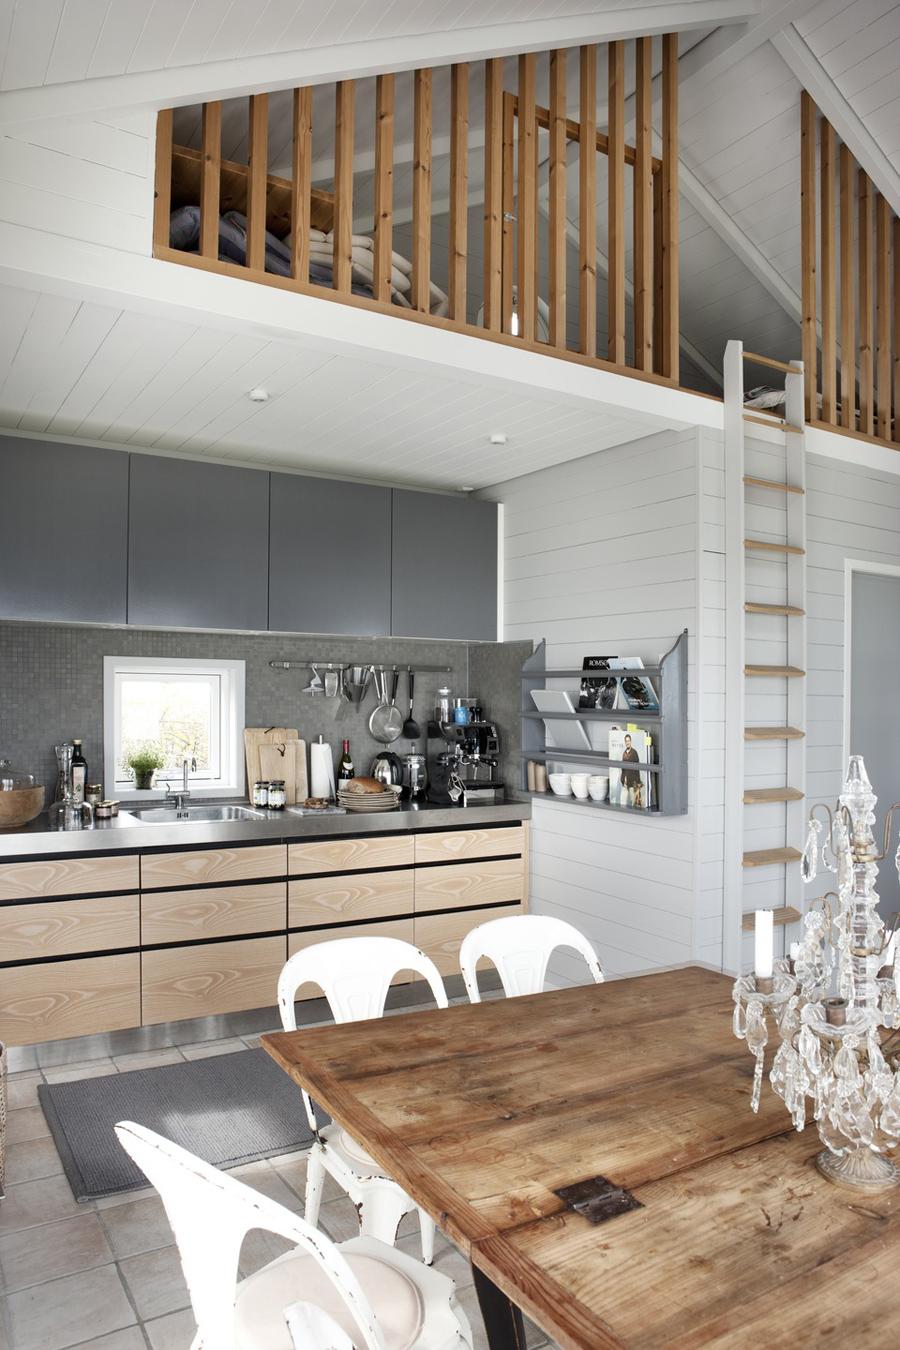 15 bellissime idee per il soppalco - Cucina con soppalco ...